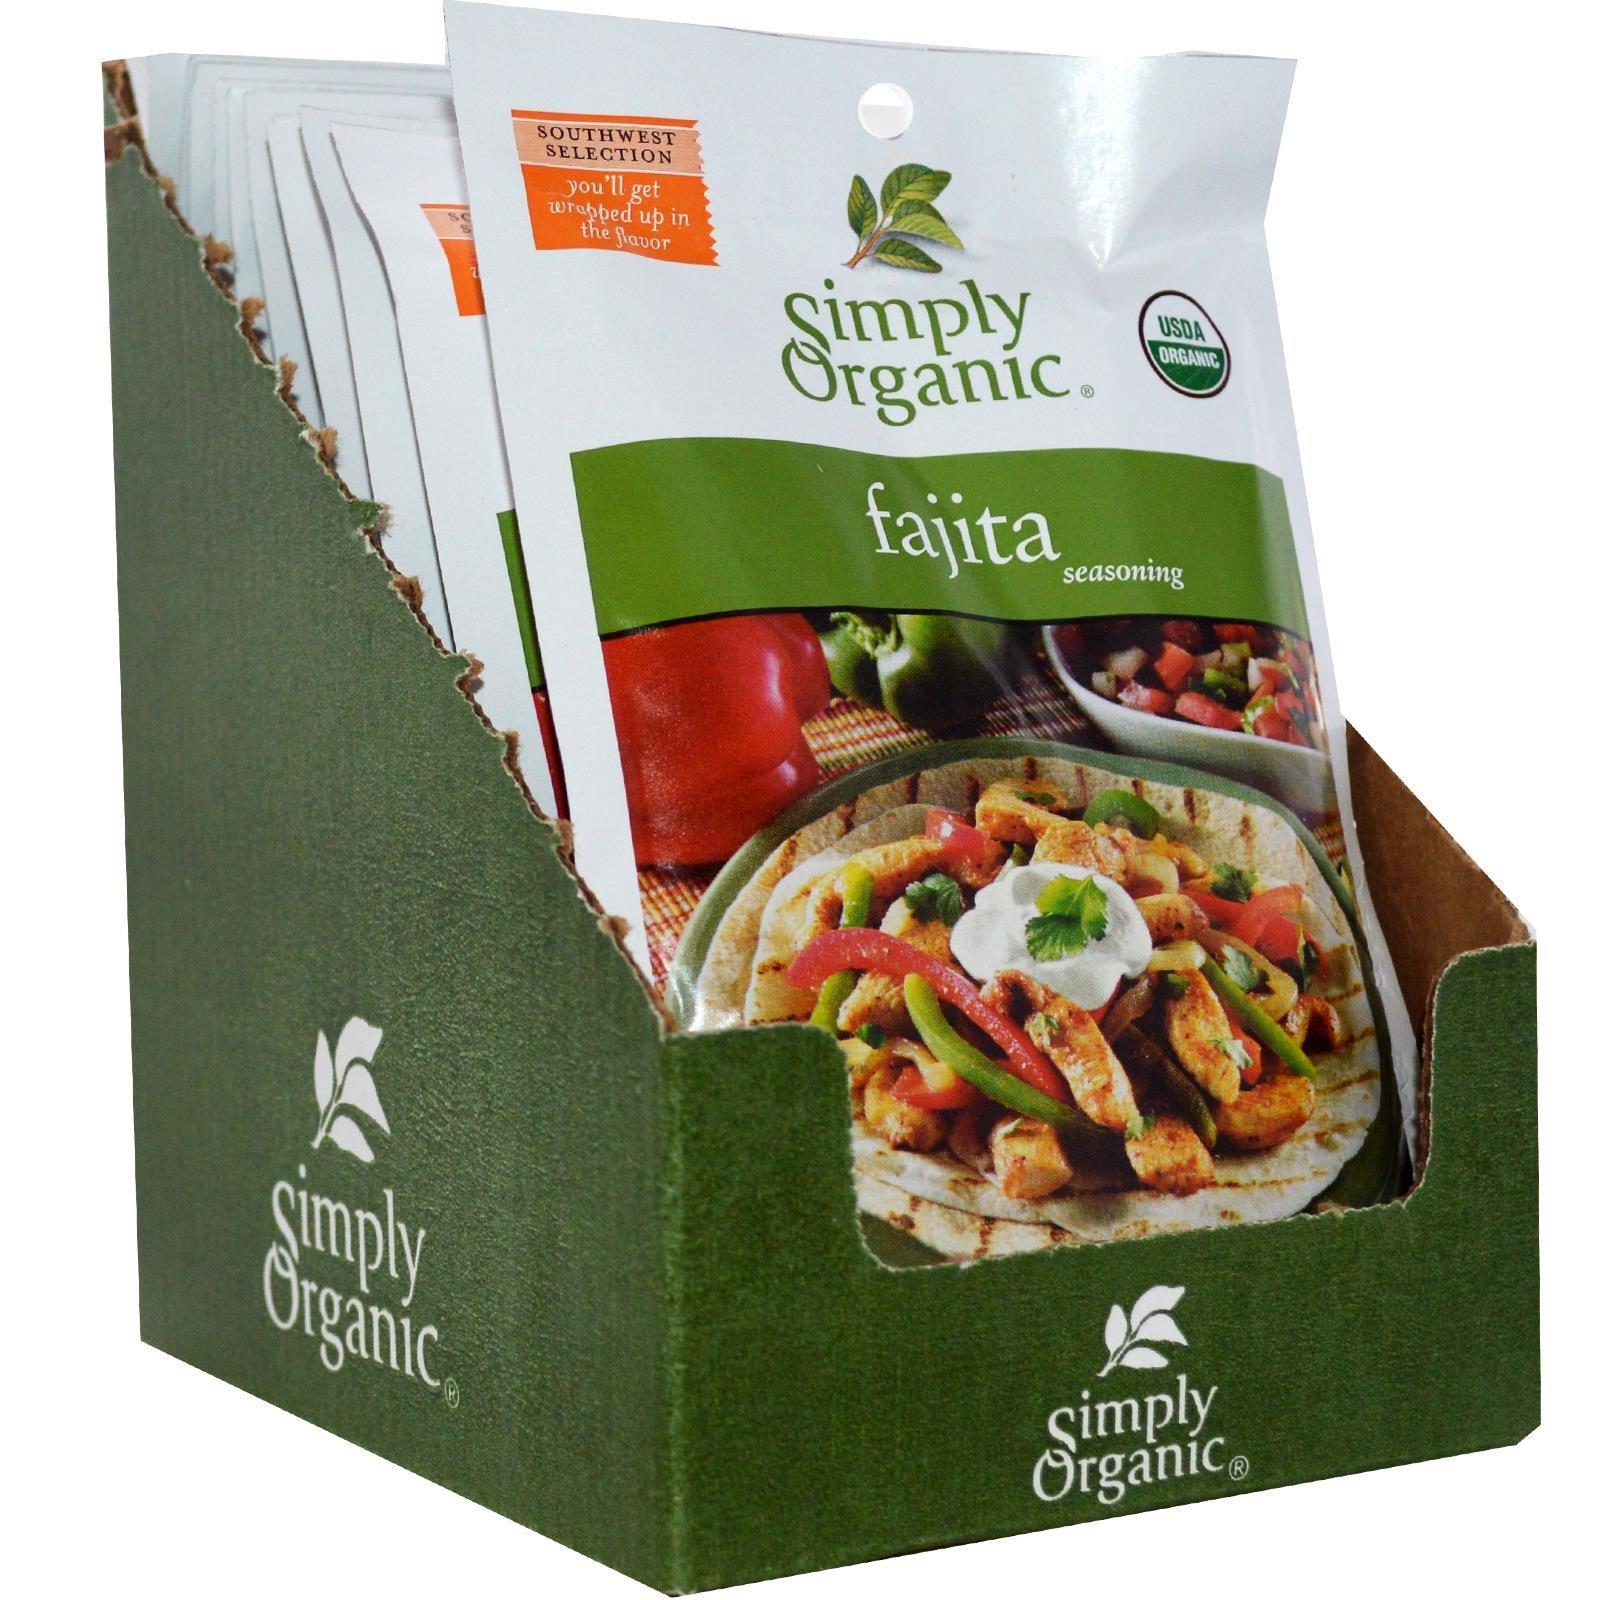 Simply Organic, Приправа фахита, 12 пакетов, по 1 унции (28 г) каждый